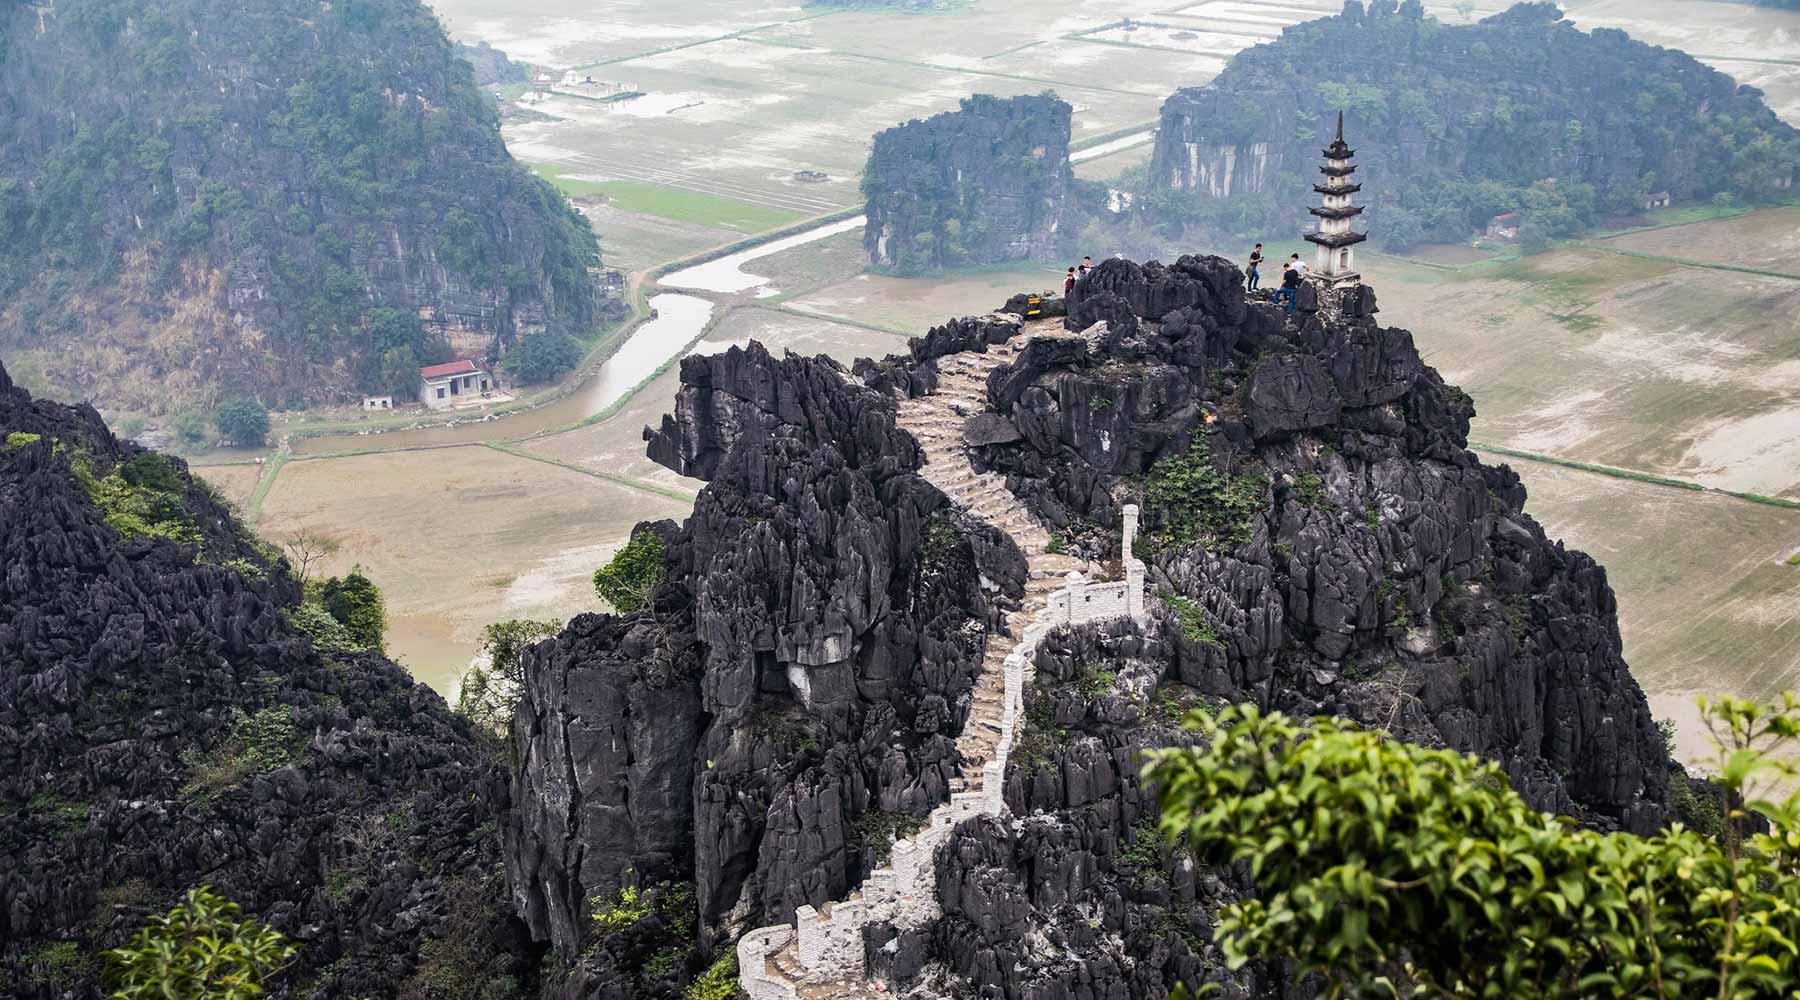 Mua-cave-Ninh-Binh